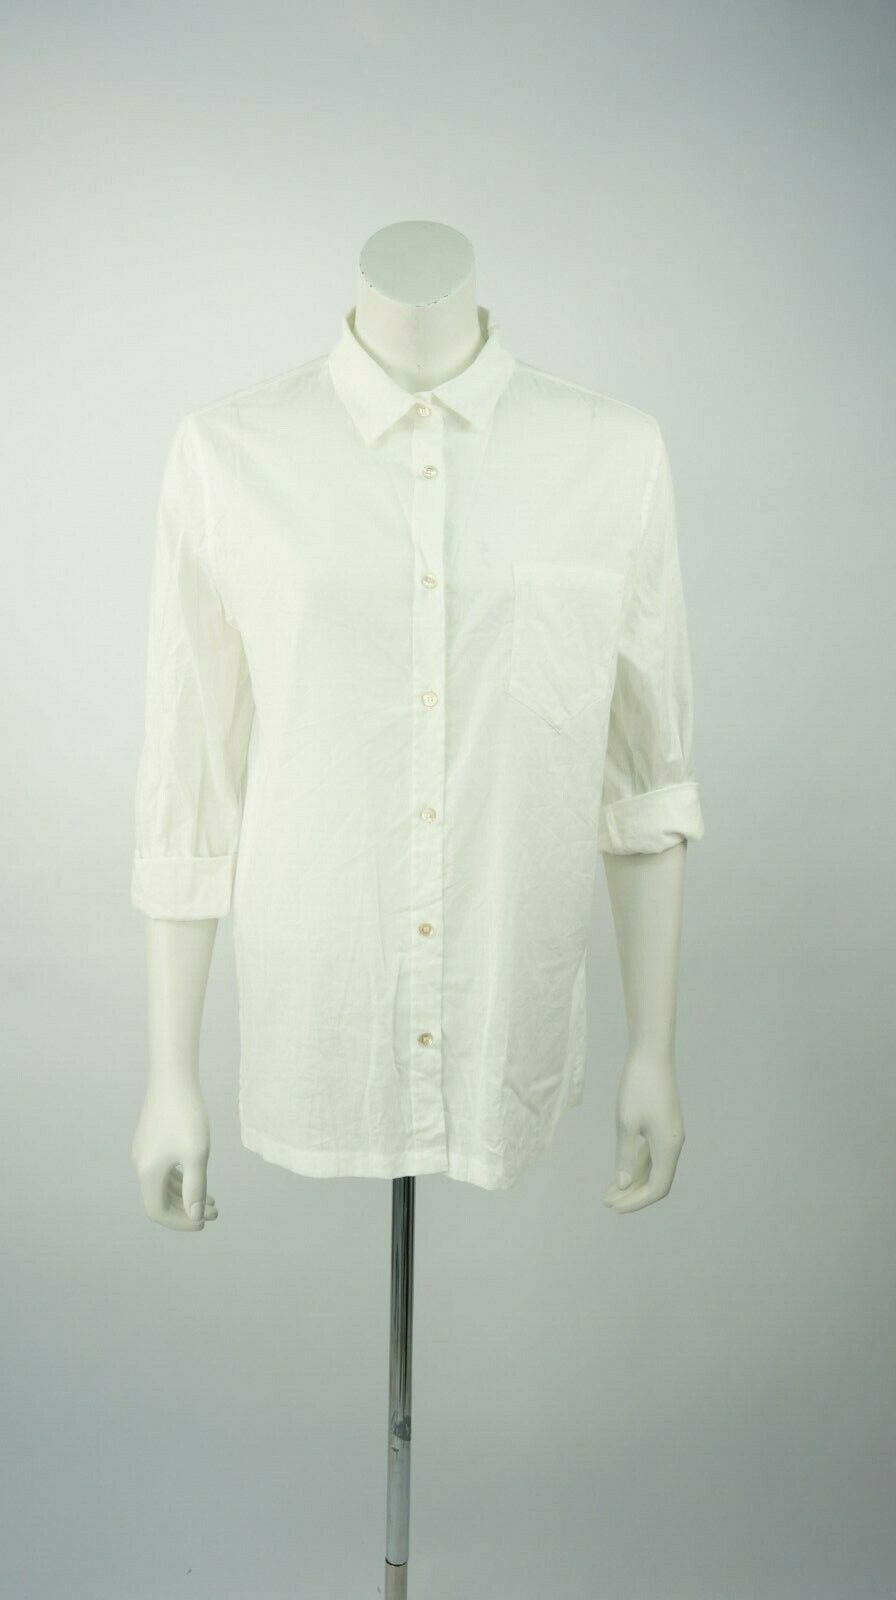 Isabel MARANT MARANT MARANT bianco cotone Roll Manica Blusa Top taglia 40FR Bnwts prezzo consigliato c62372